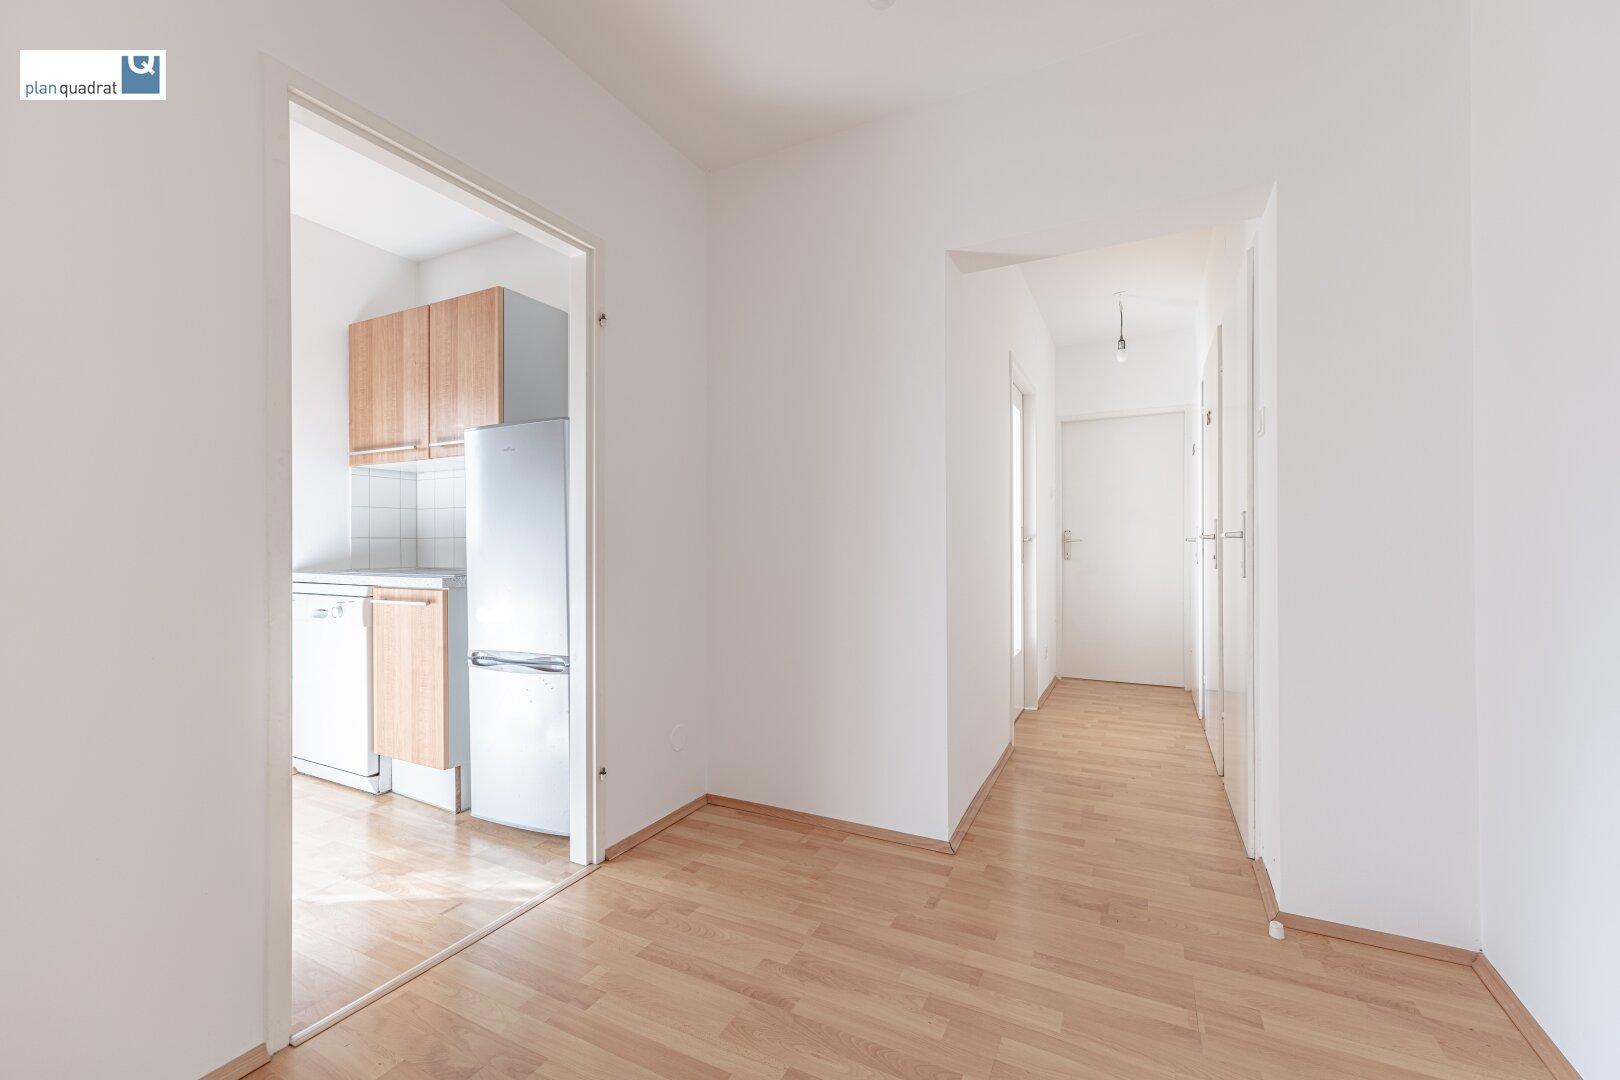 Vorraum (ca. 4,50 m²) und Gang (ca. 2,80 m²) - alle Räumlichkeiten sind von hier aus zentral begehbar